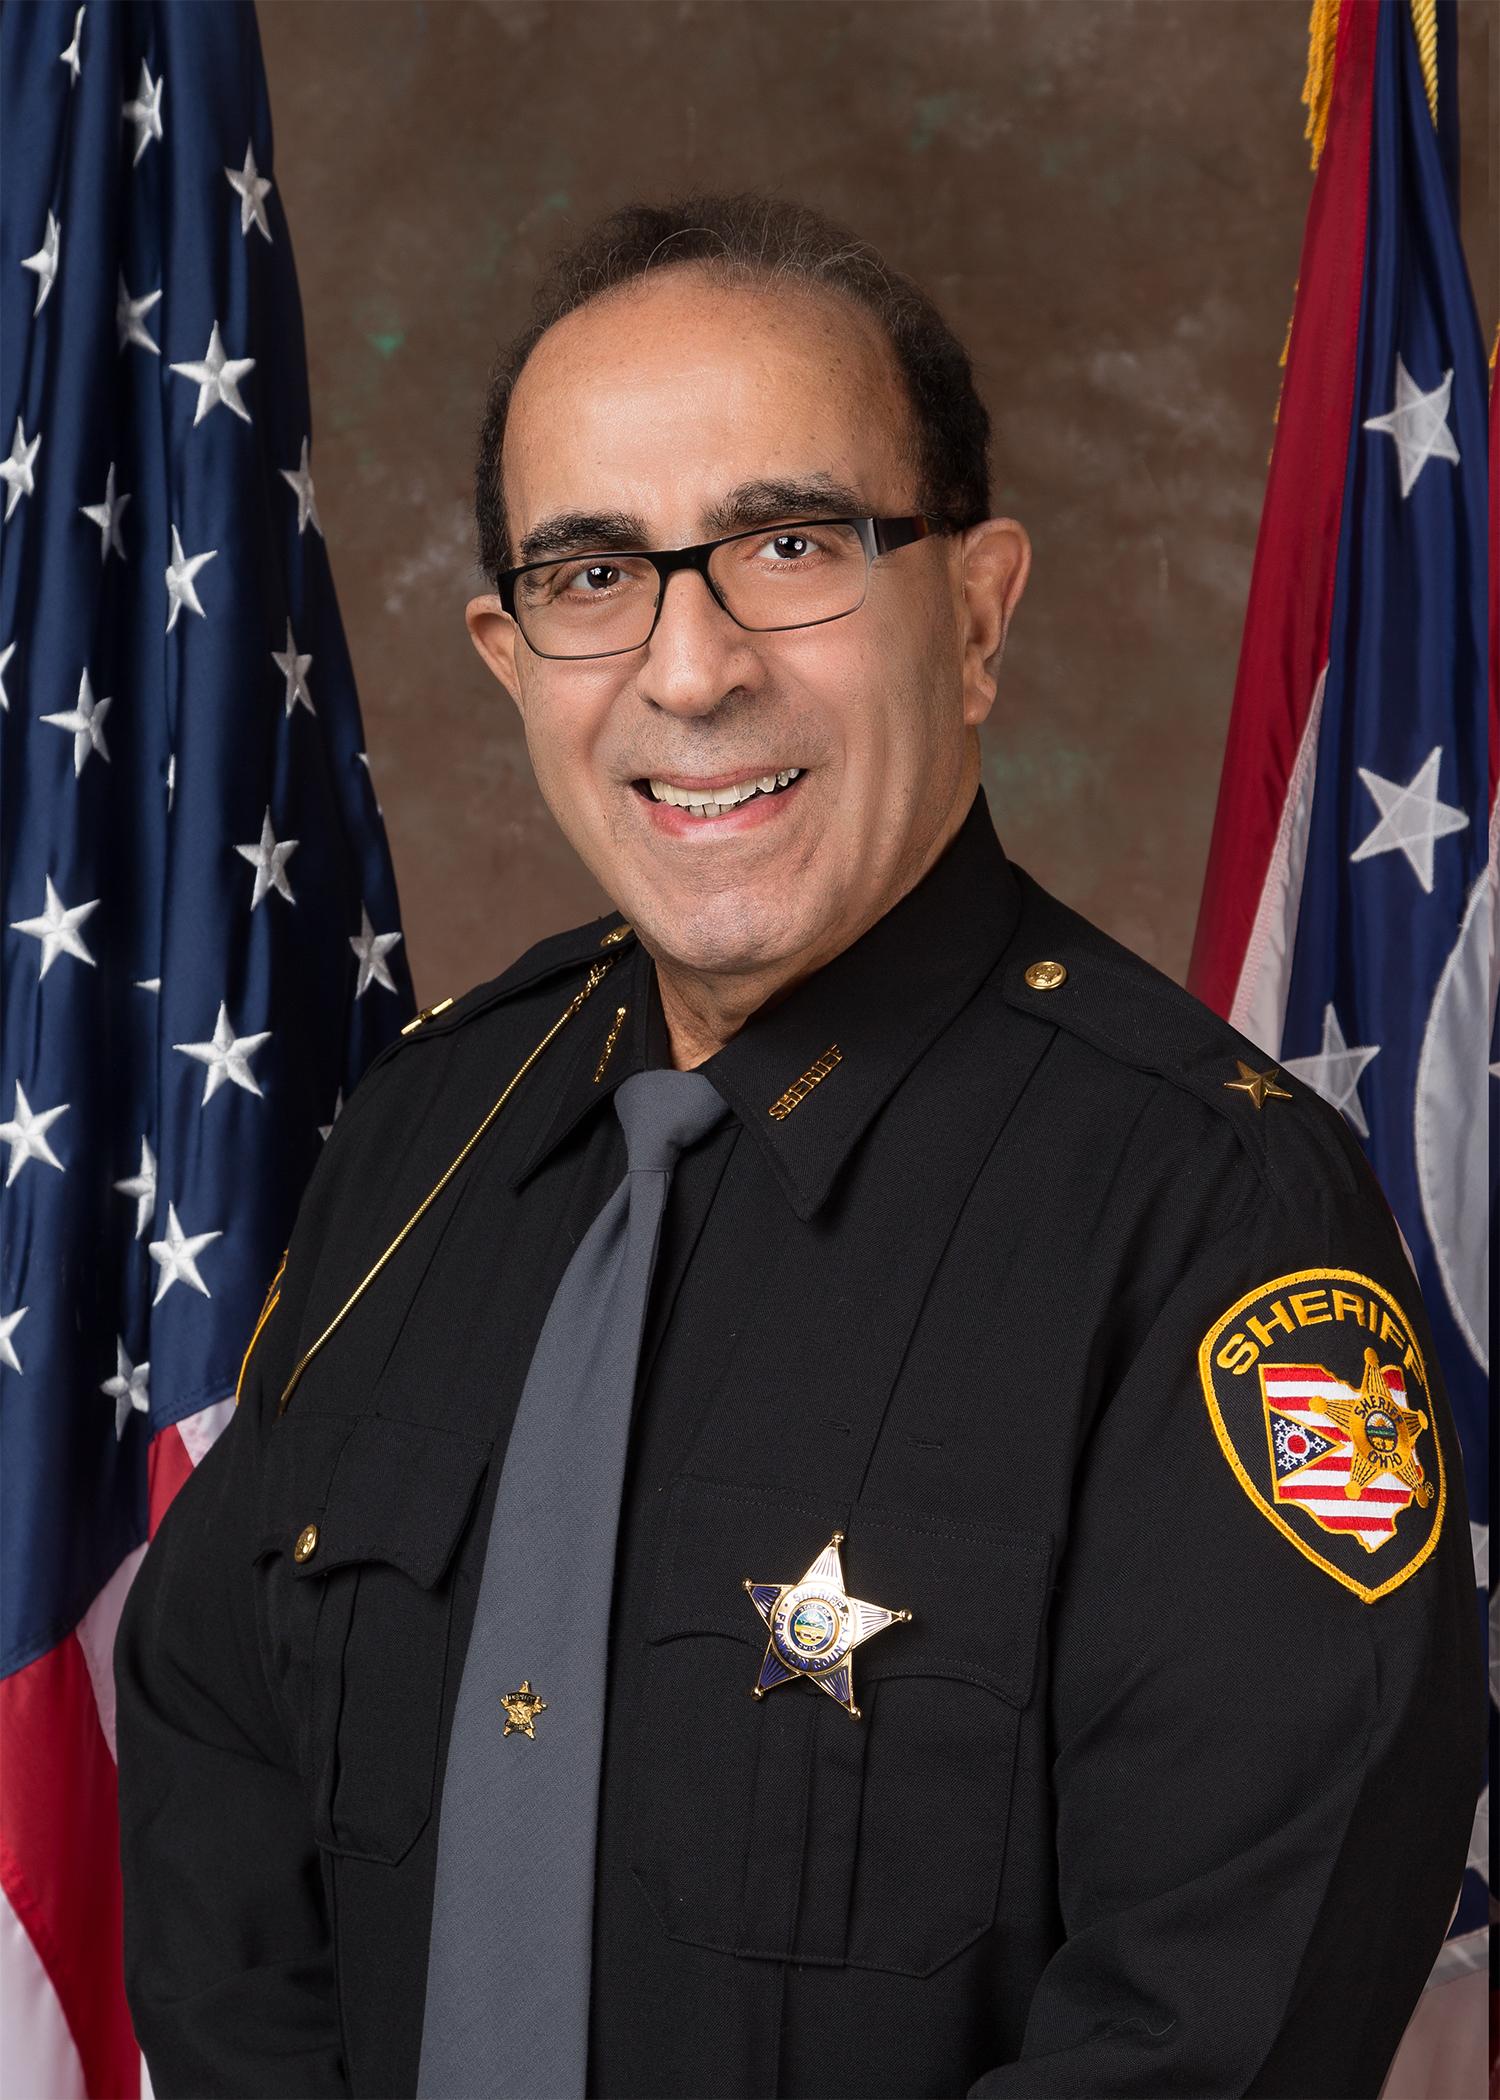 Fred J. Abdalla